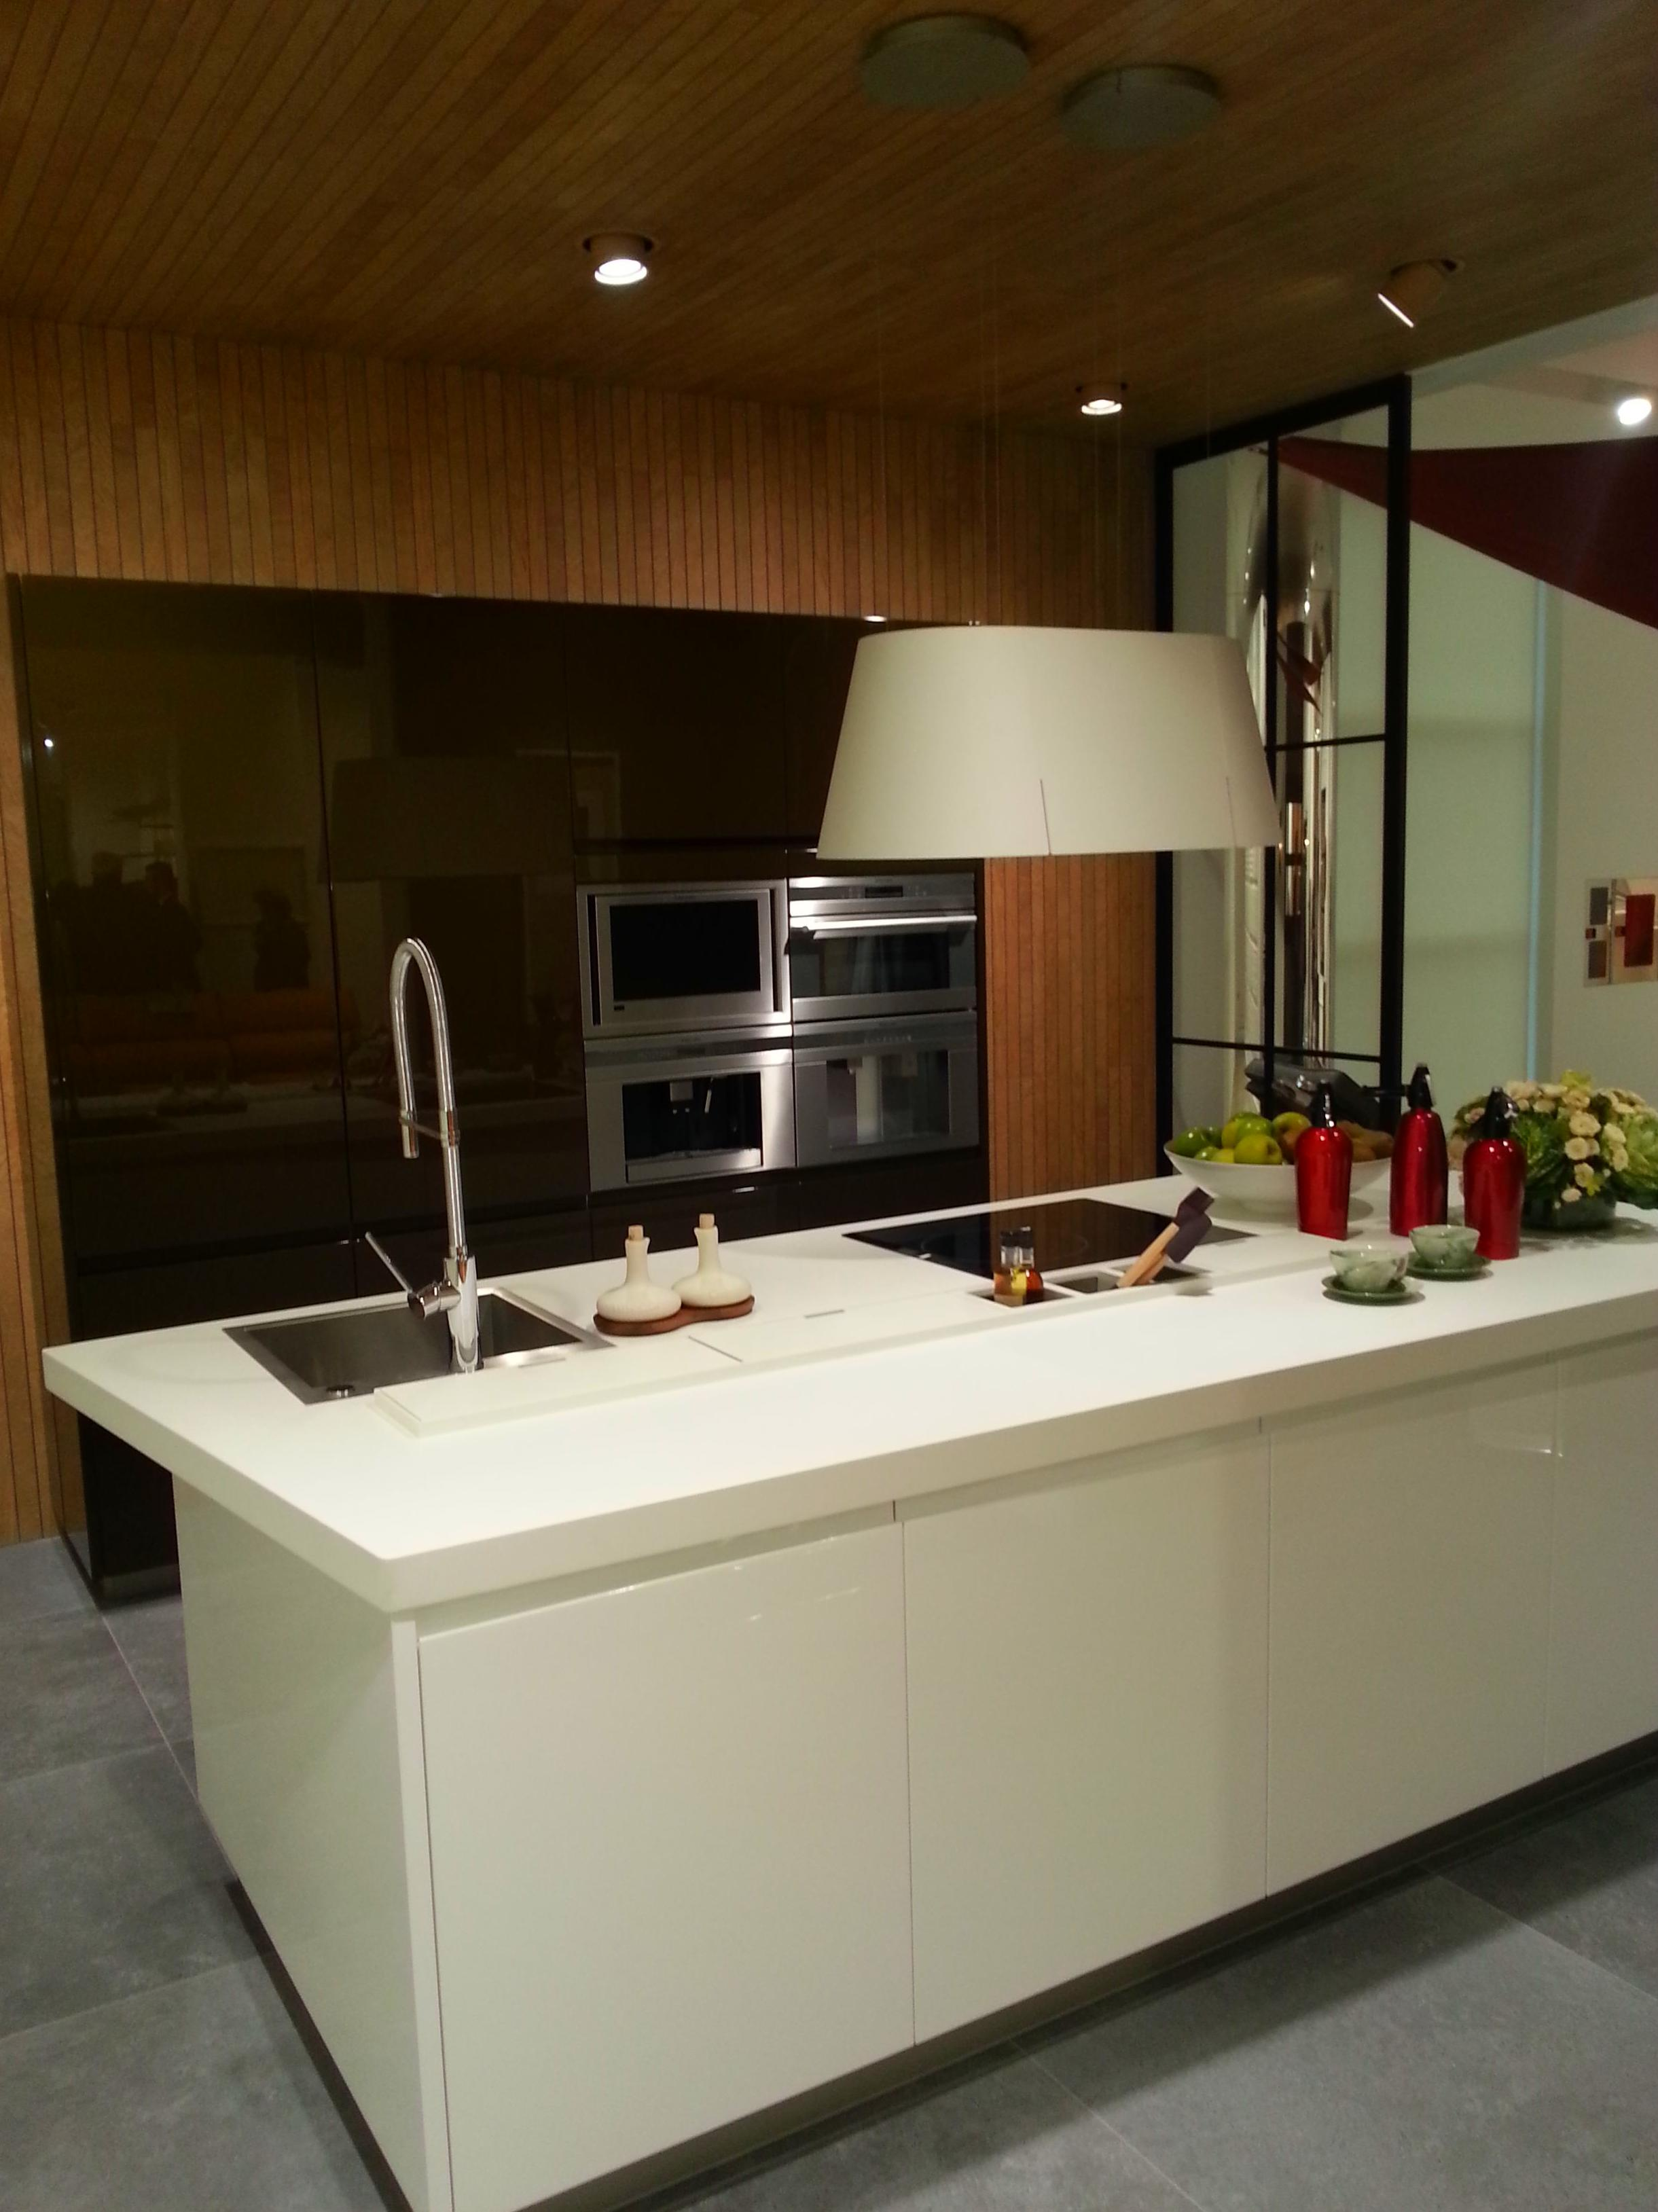 Muebles De Cocina En Villanueva De La Serena Azarak Com Ideas  # Muebles Rabanal Villanueva Serena